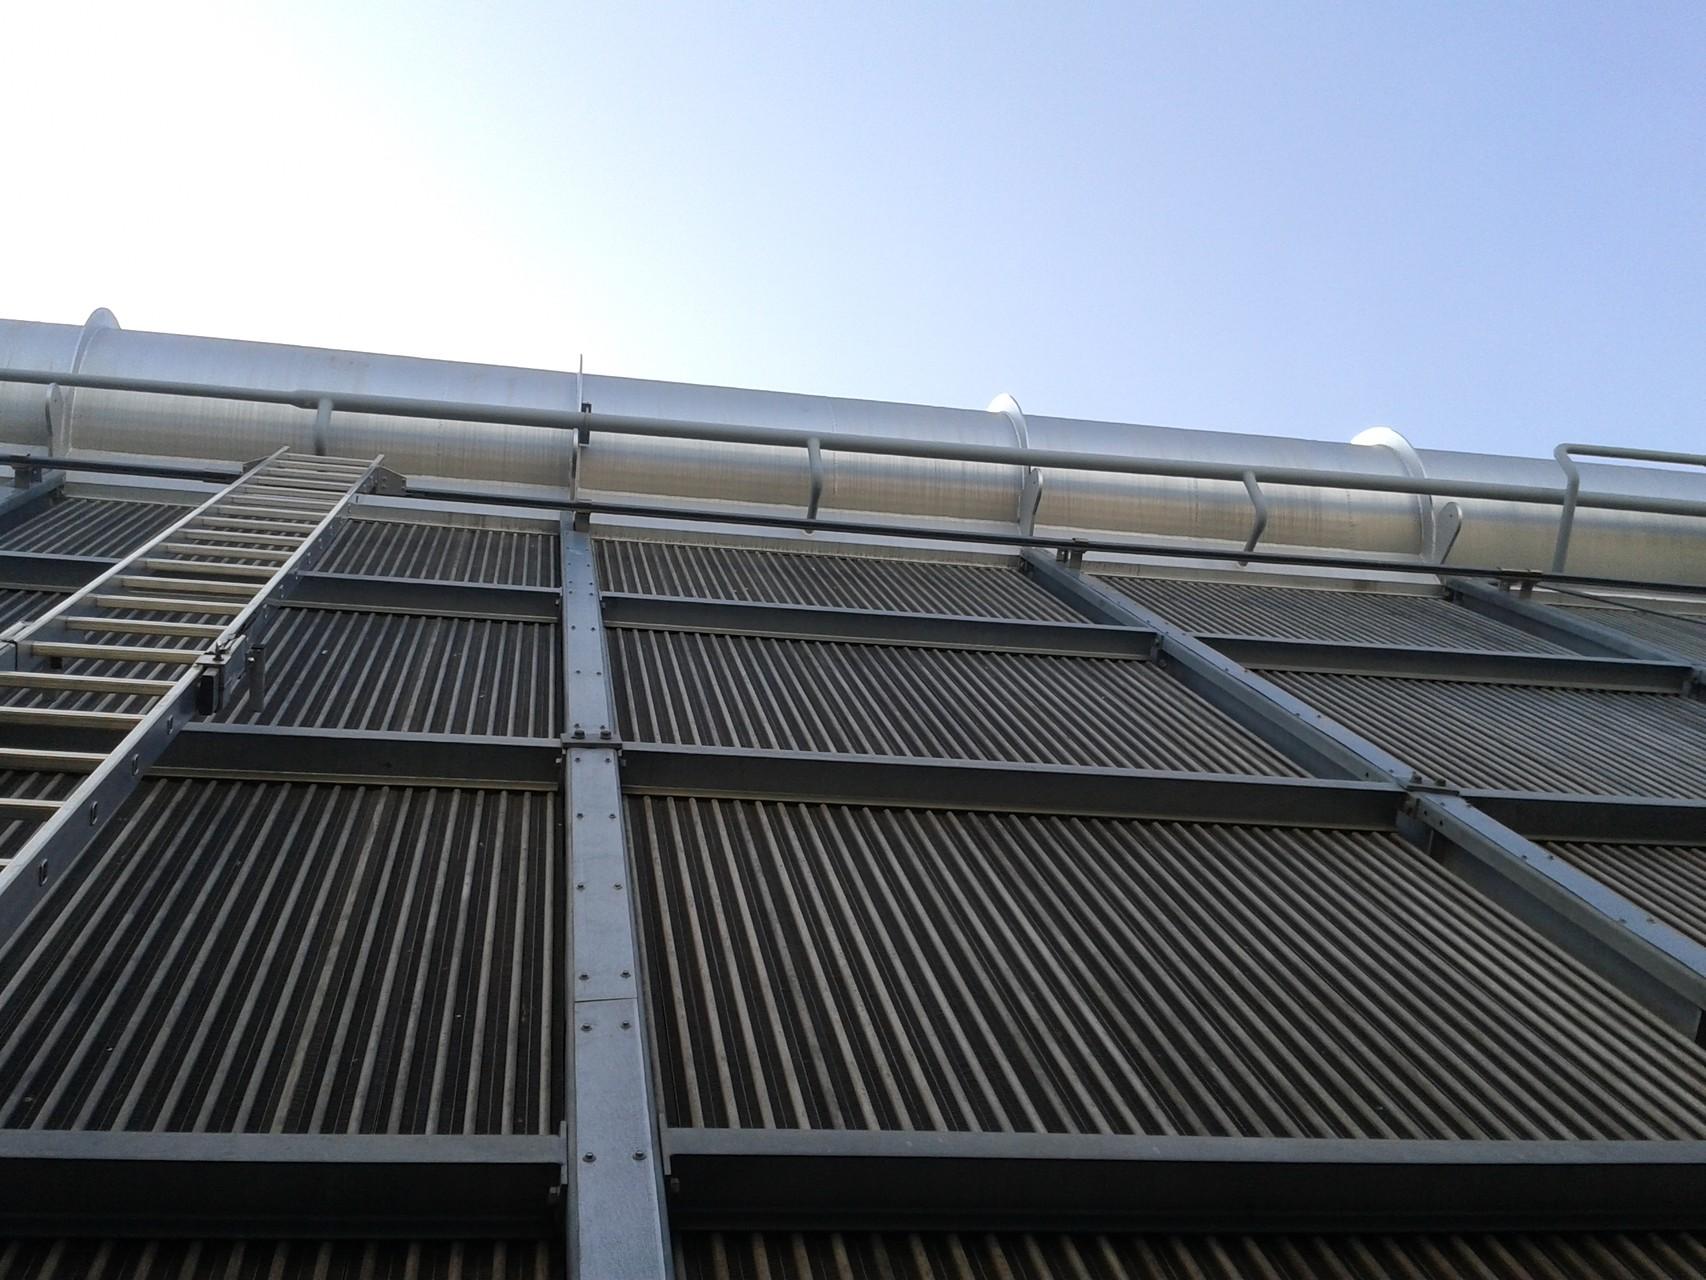 Luftkondensatorreinigung, maschinell